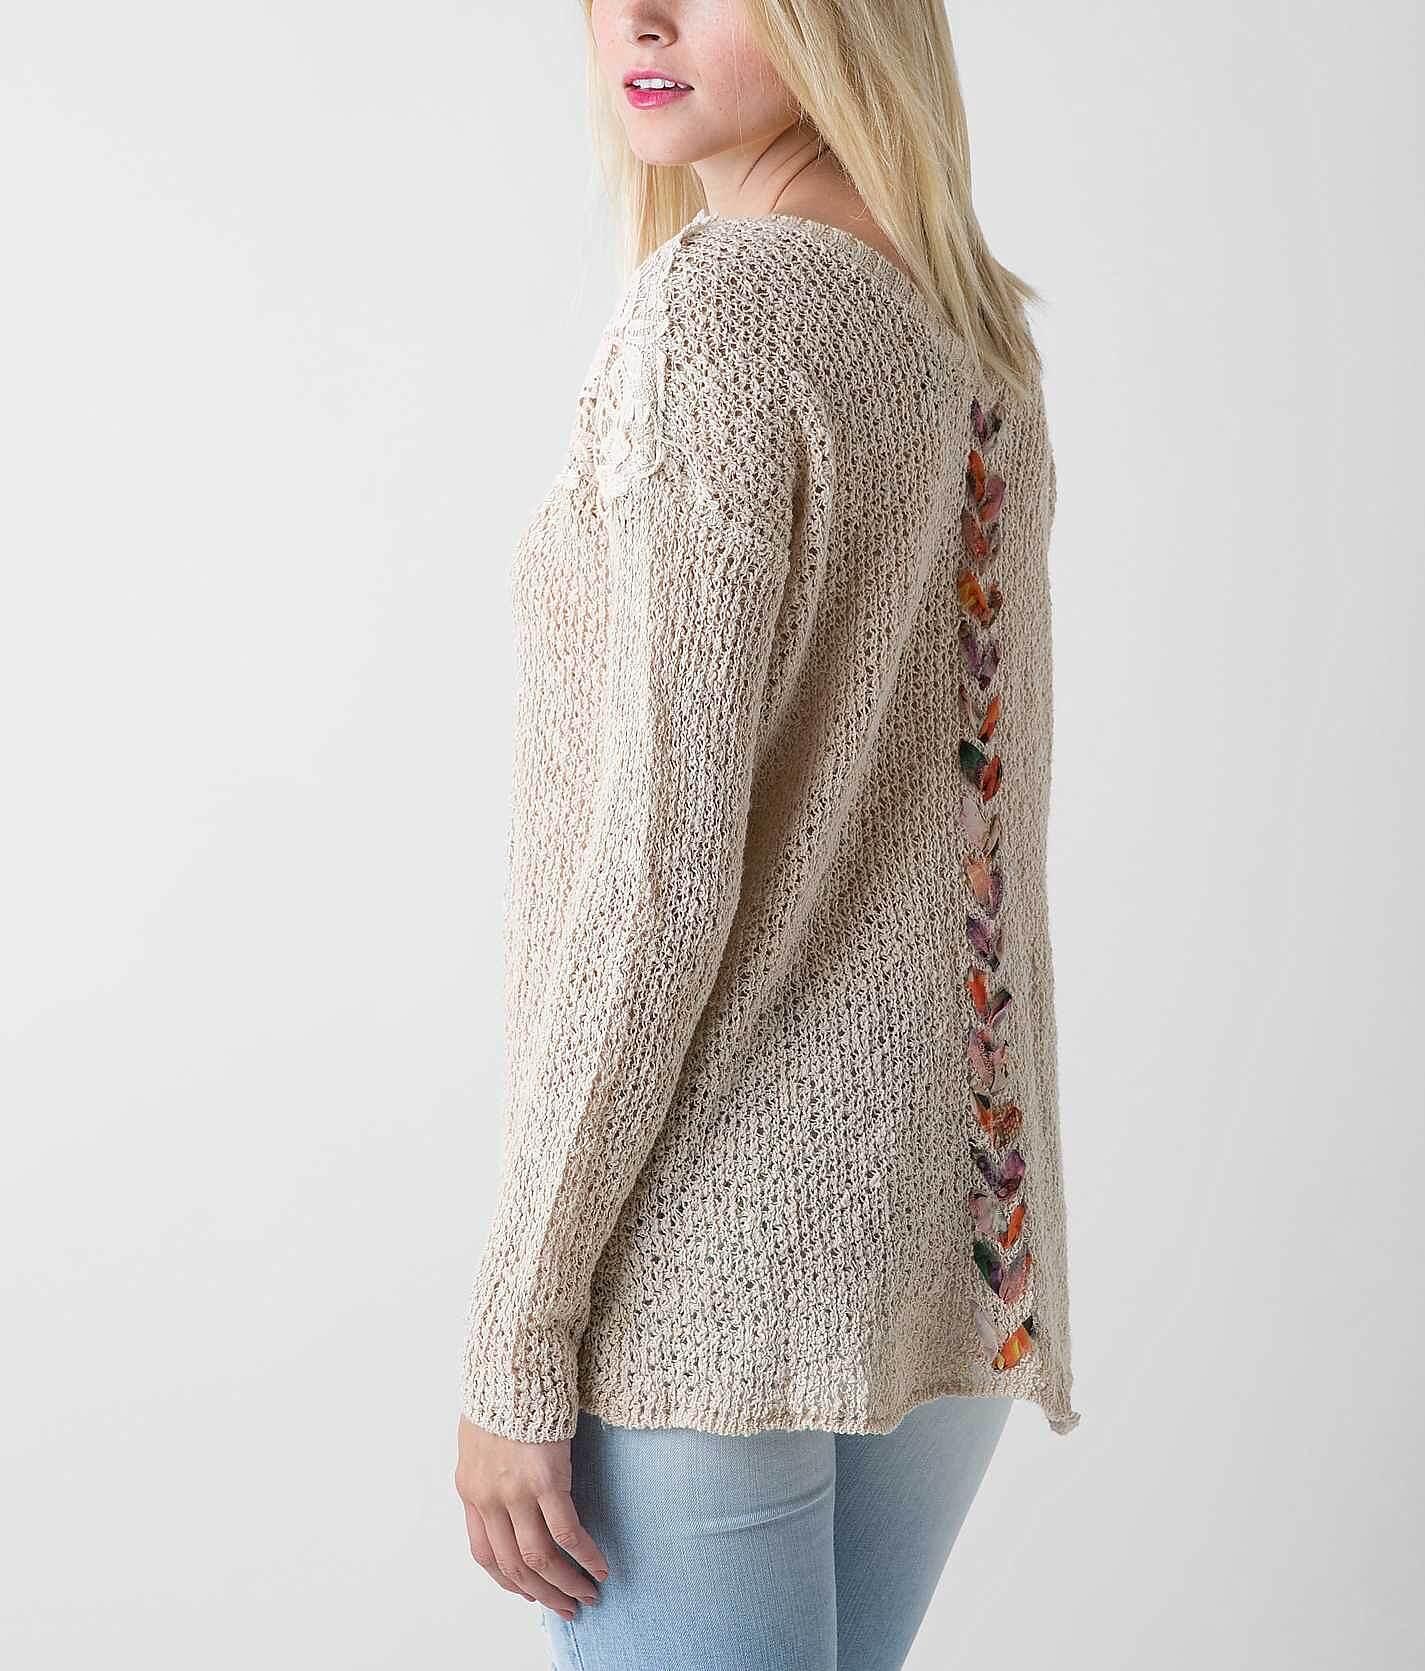 Open Weave Sweaters for Women